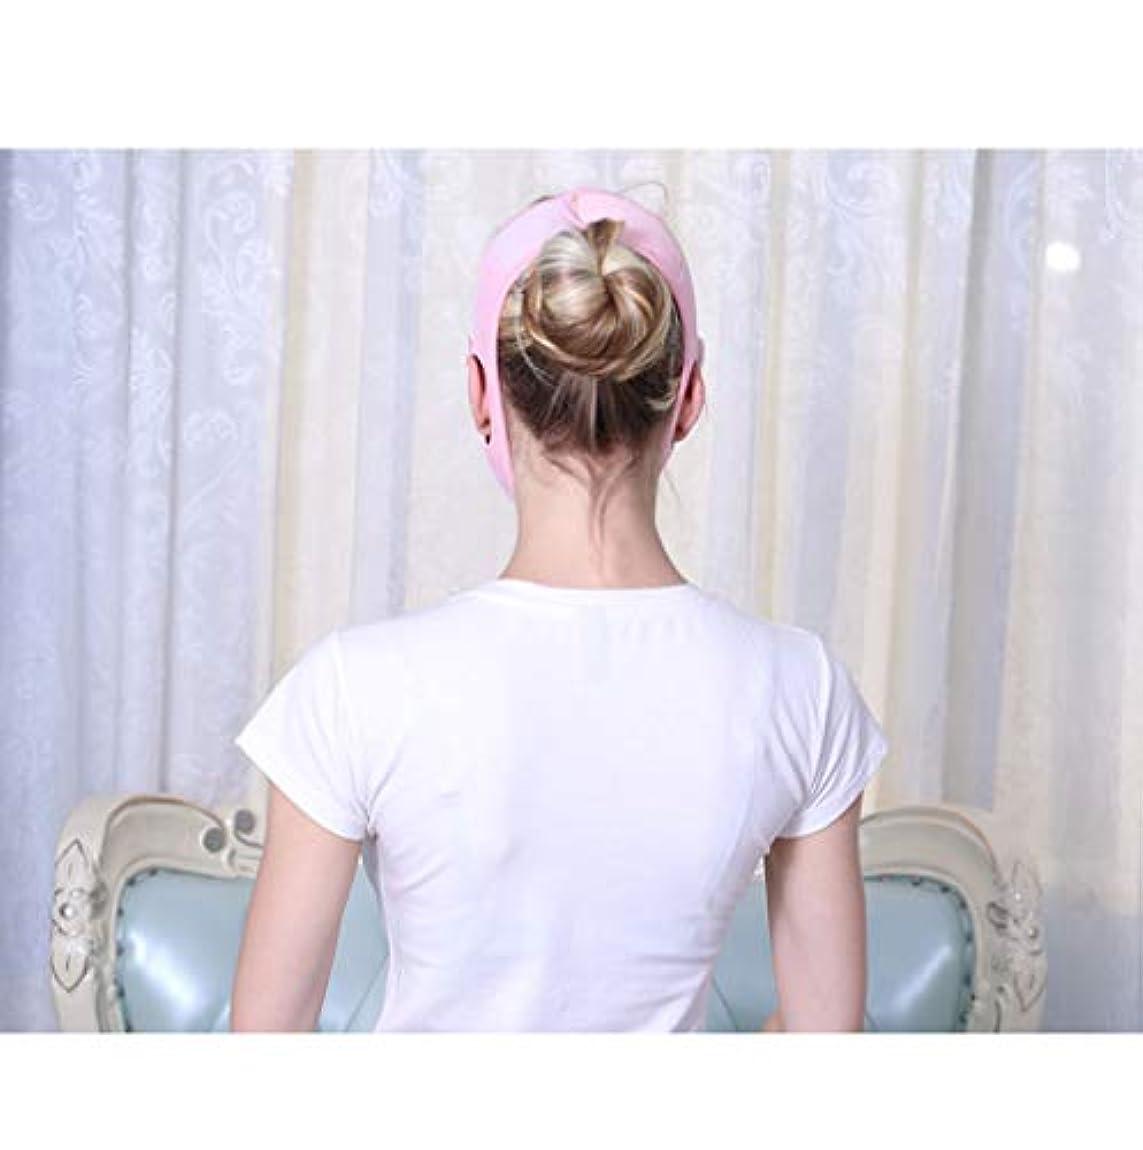 感謝祭ペグ助けになる薄い表面ベルト、二重あごのDecreeのマスクの持ち上がることの固まる睡眠のマスクへのVの表面包帯 (Color : Pink)